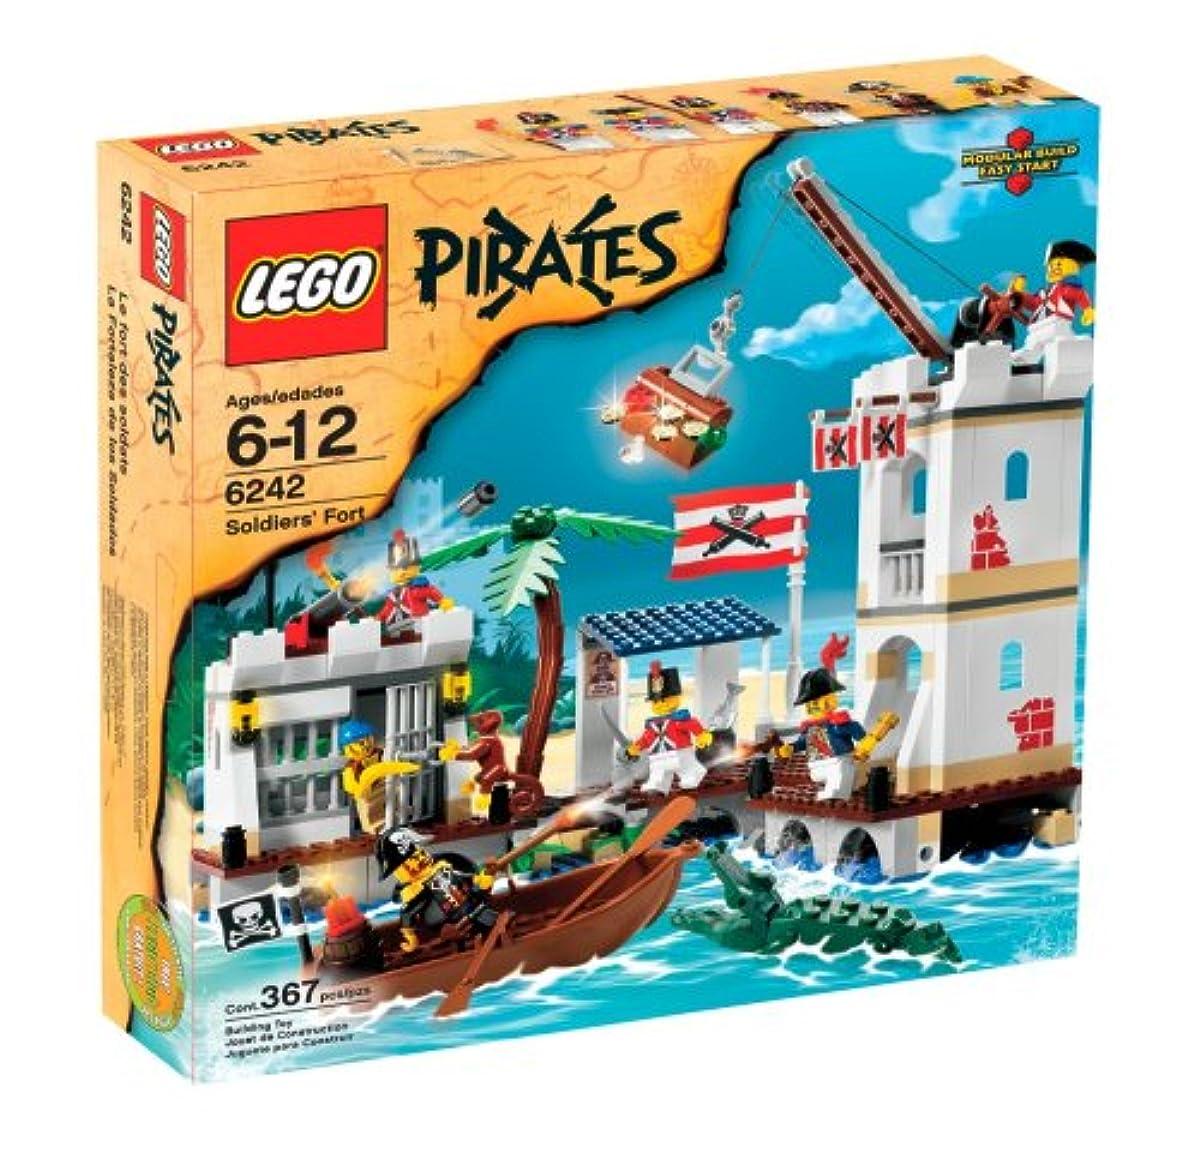 [해외] LEGO (레고) PIRATES SOLDIERS' FORT (6242) 블럭 장난감 (병행수입)